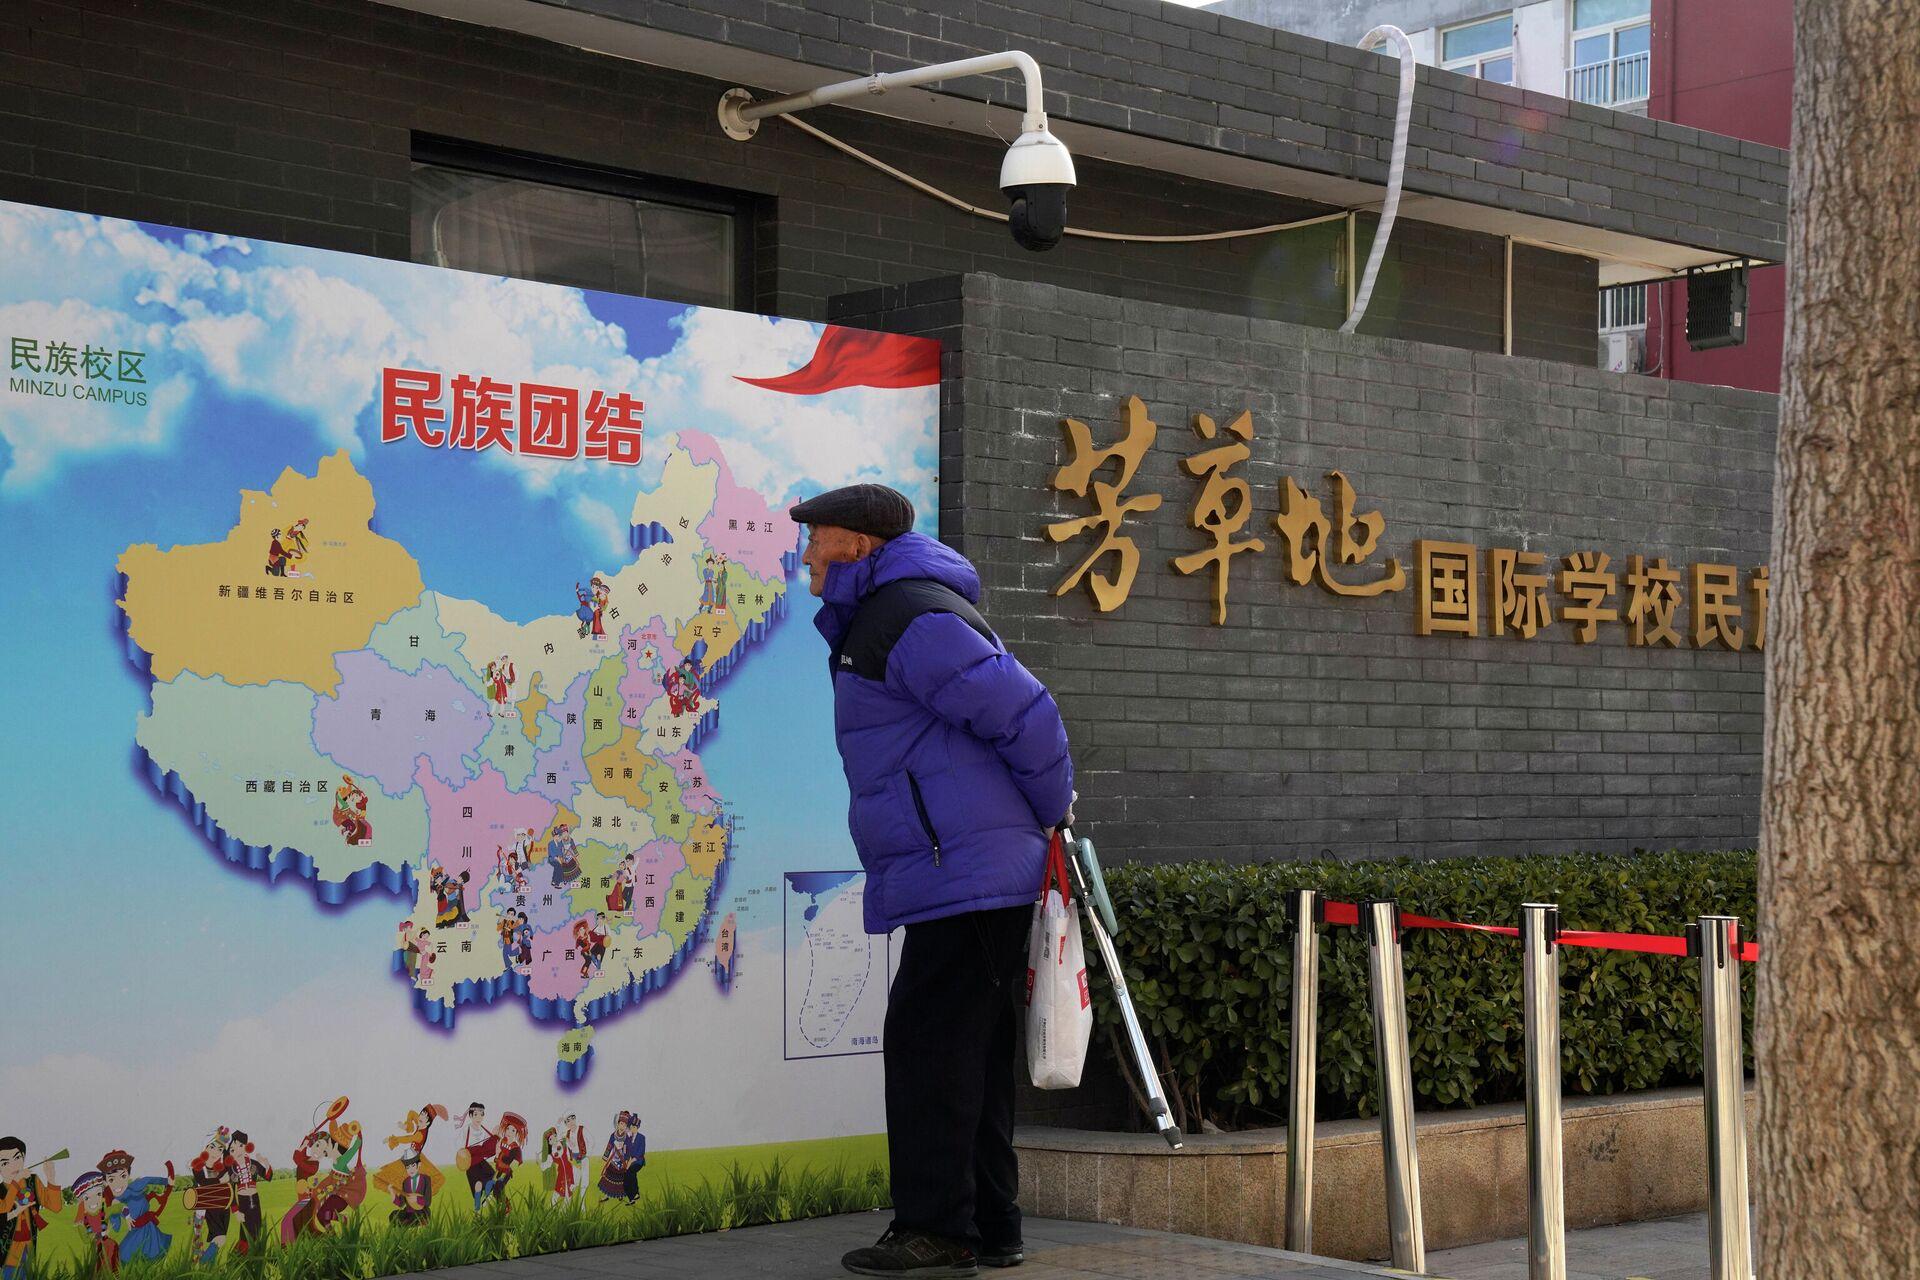 Мужчина рассматривает карту Китая с изображением различных этнических групп в Пекине - РИА Новости, 1920, 21.01.2021